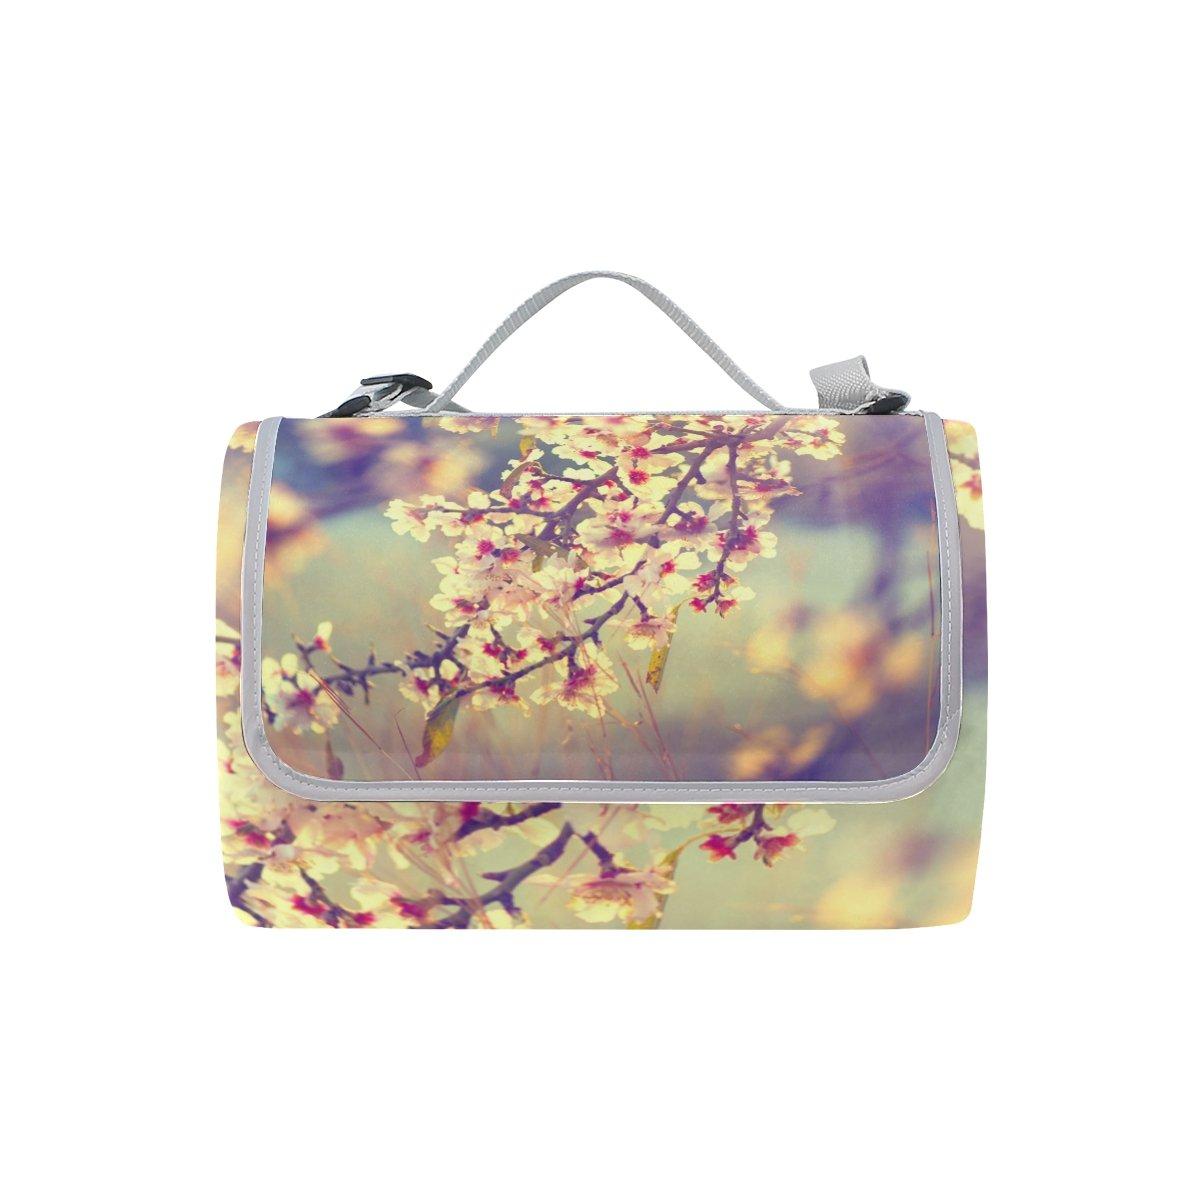 COOSUN Manta de picnic con diseño de y flores de ciruelo, resistente al moho y de resistente al agua, ideal para picnics, playas, senderismo, viajes, viajes y excursiones 4504f9